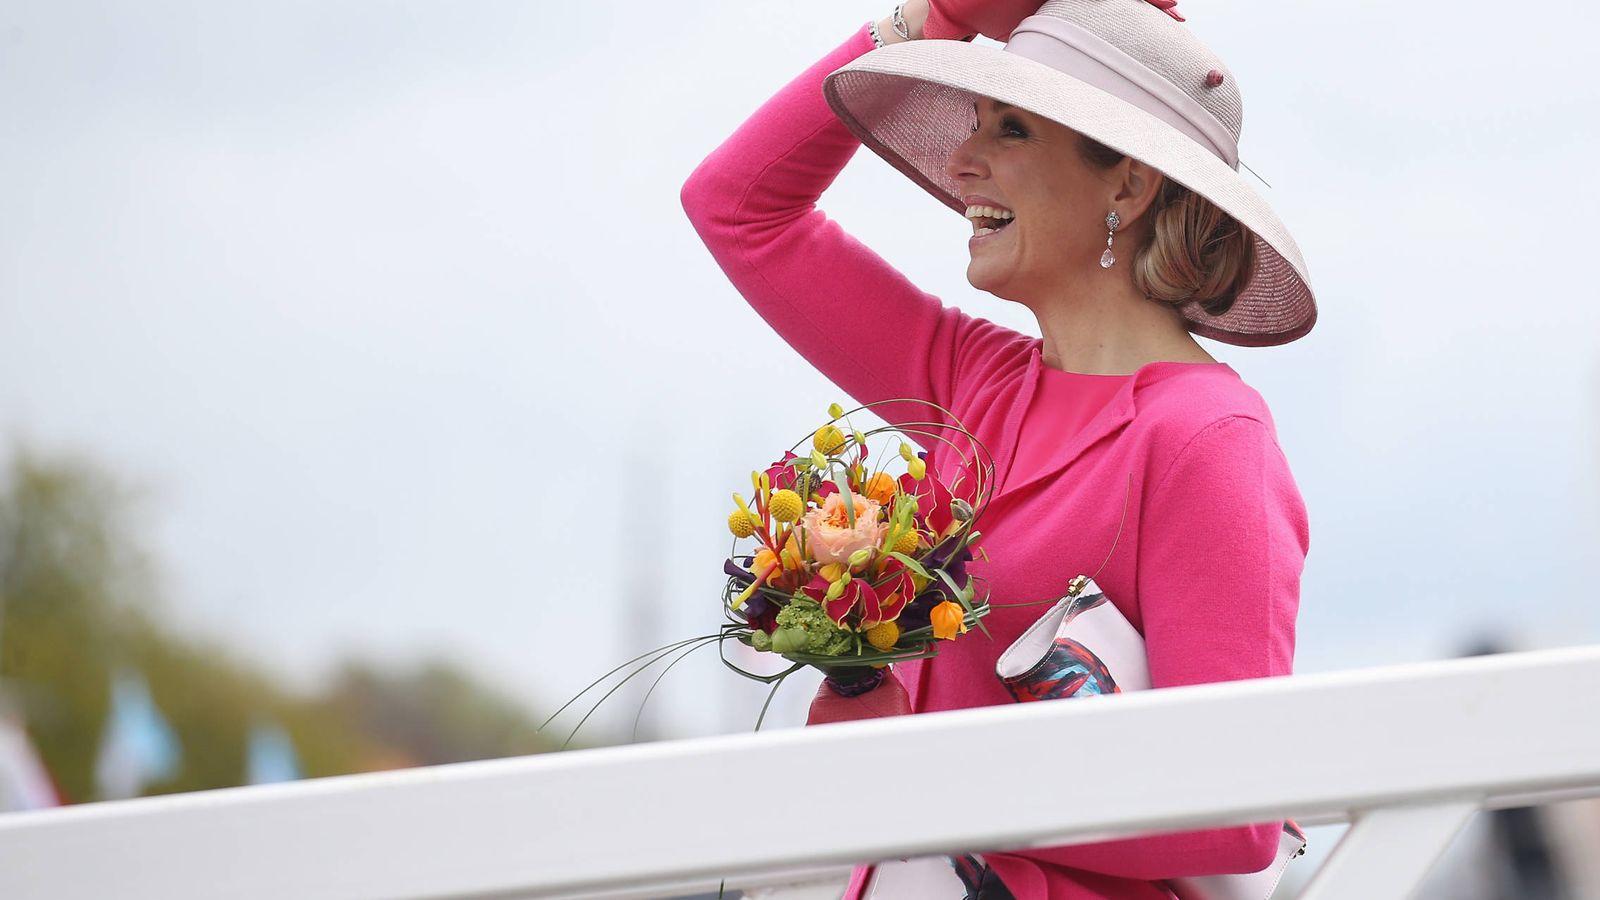 Foto: La reina Máxima de Holanda en una imagen de archivo. (Getty Images)